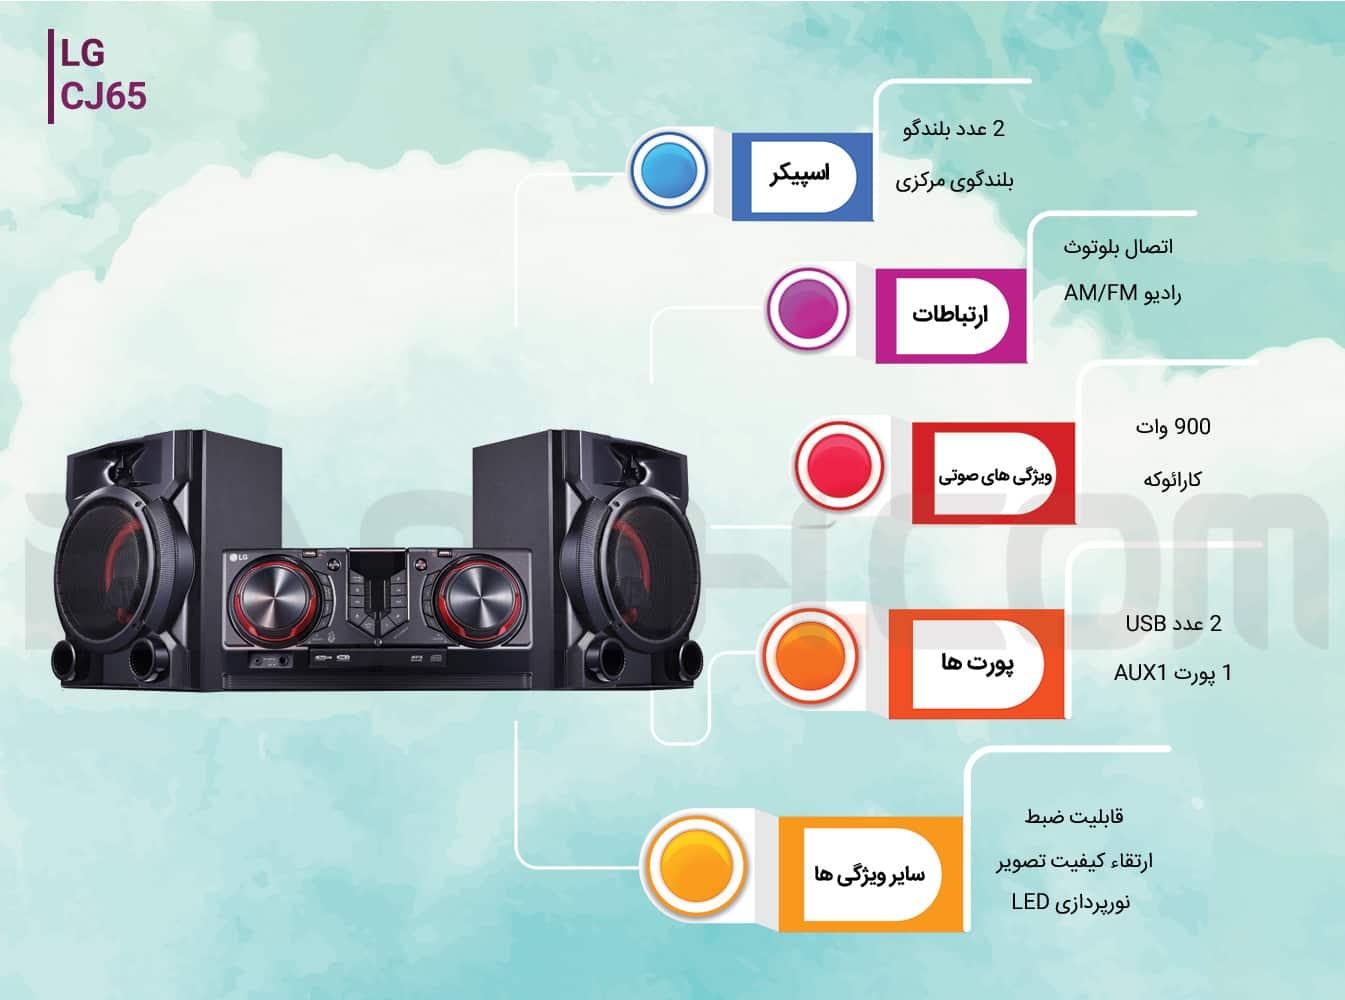 اینفوگرافی سیستم صوتی چند رسانه ای ال جی CJ65